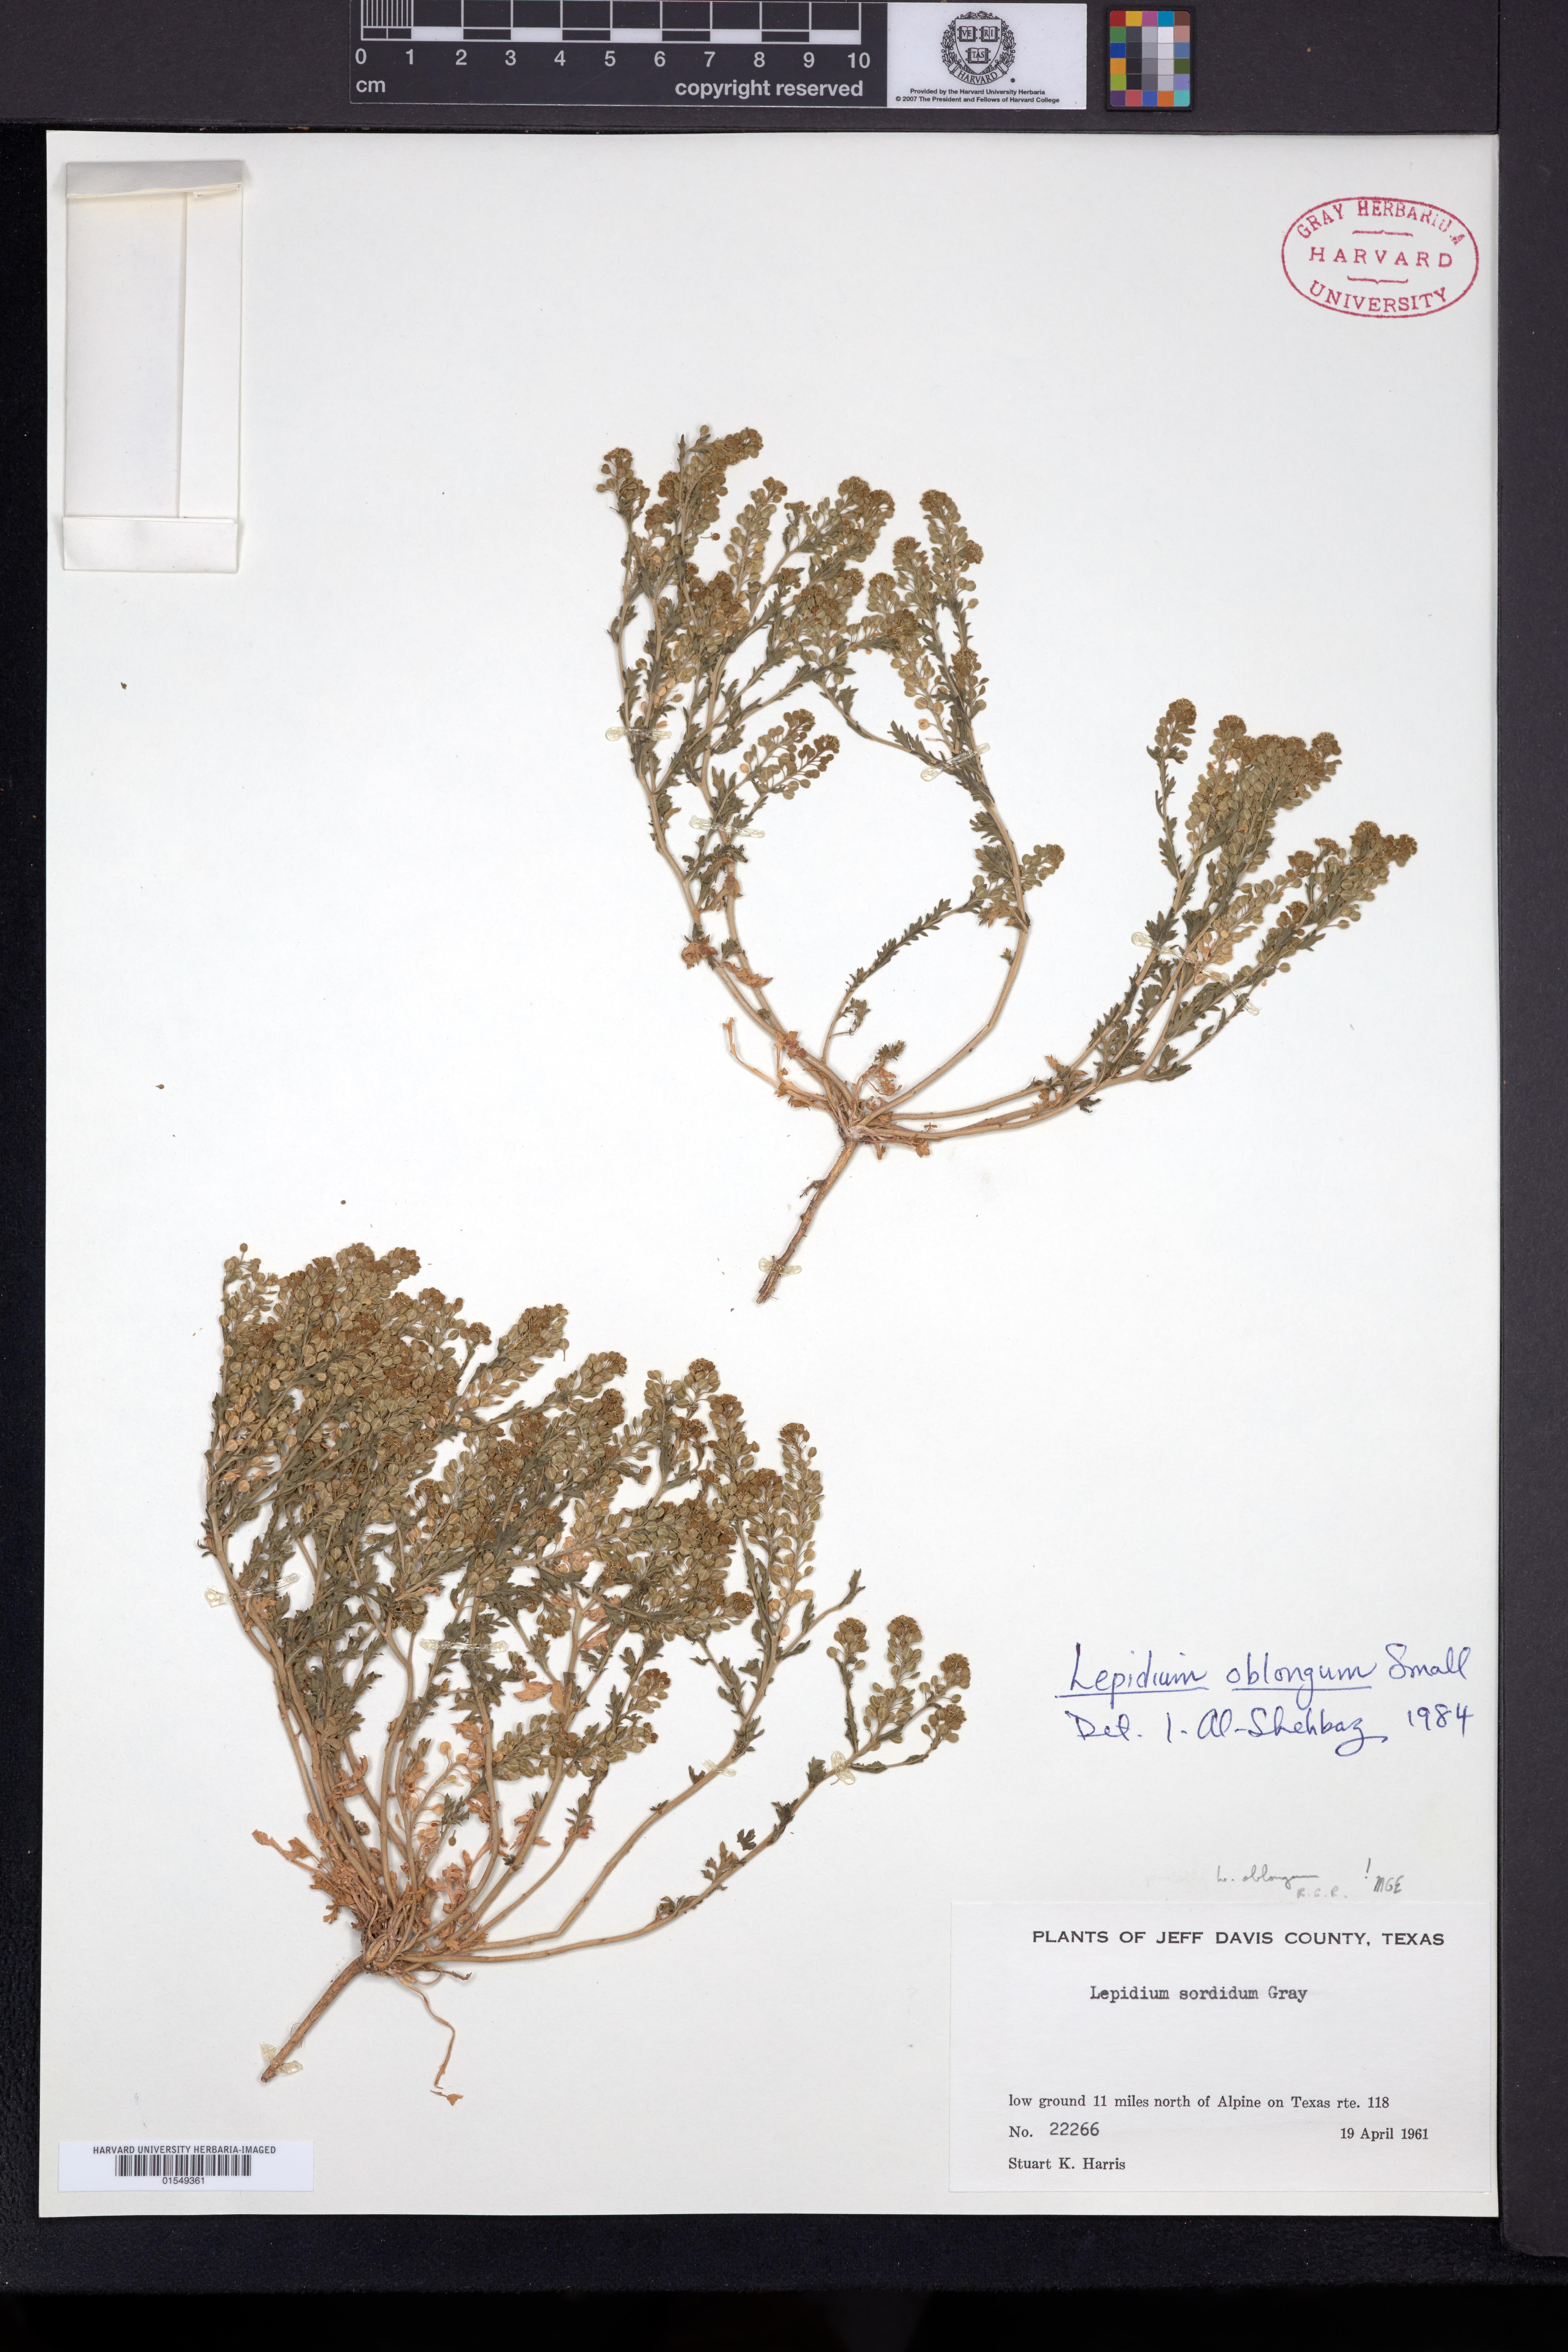 Lepidium oblongum image